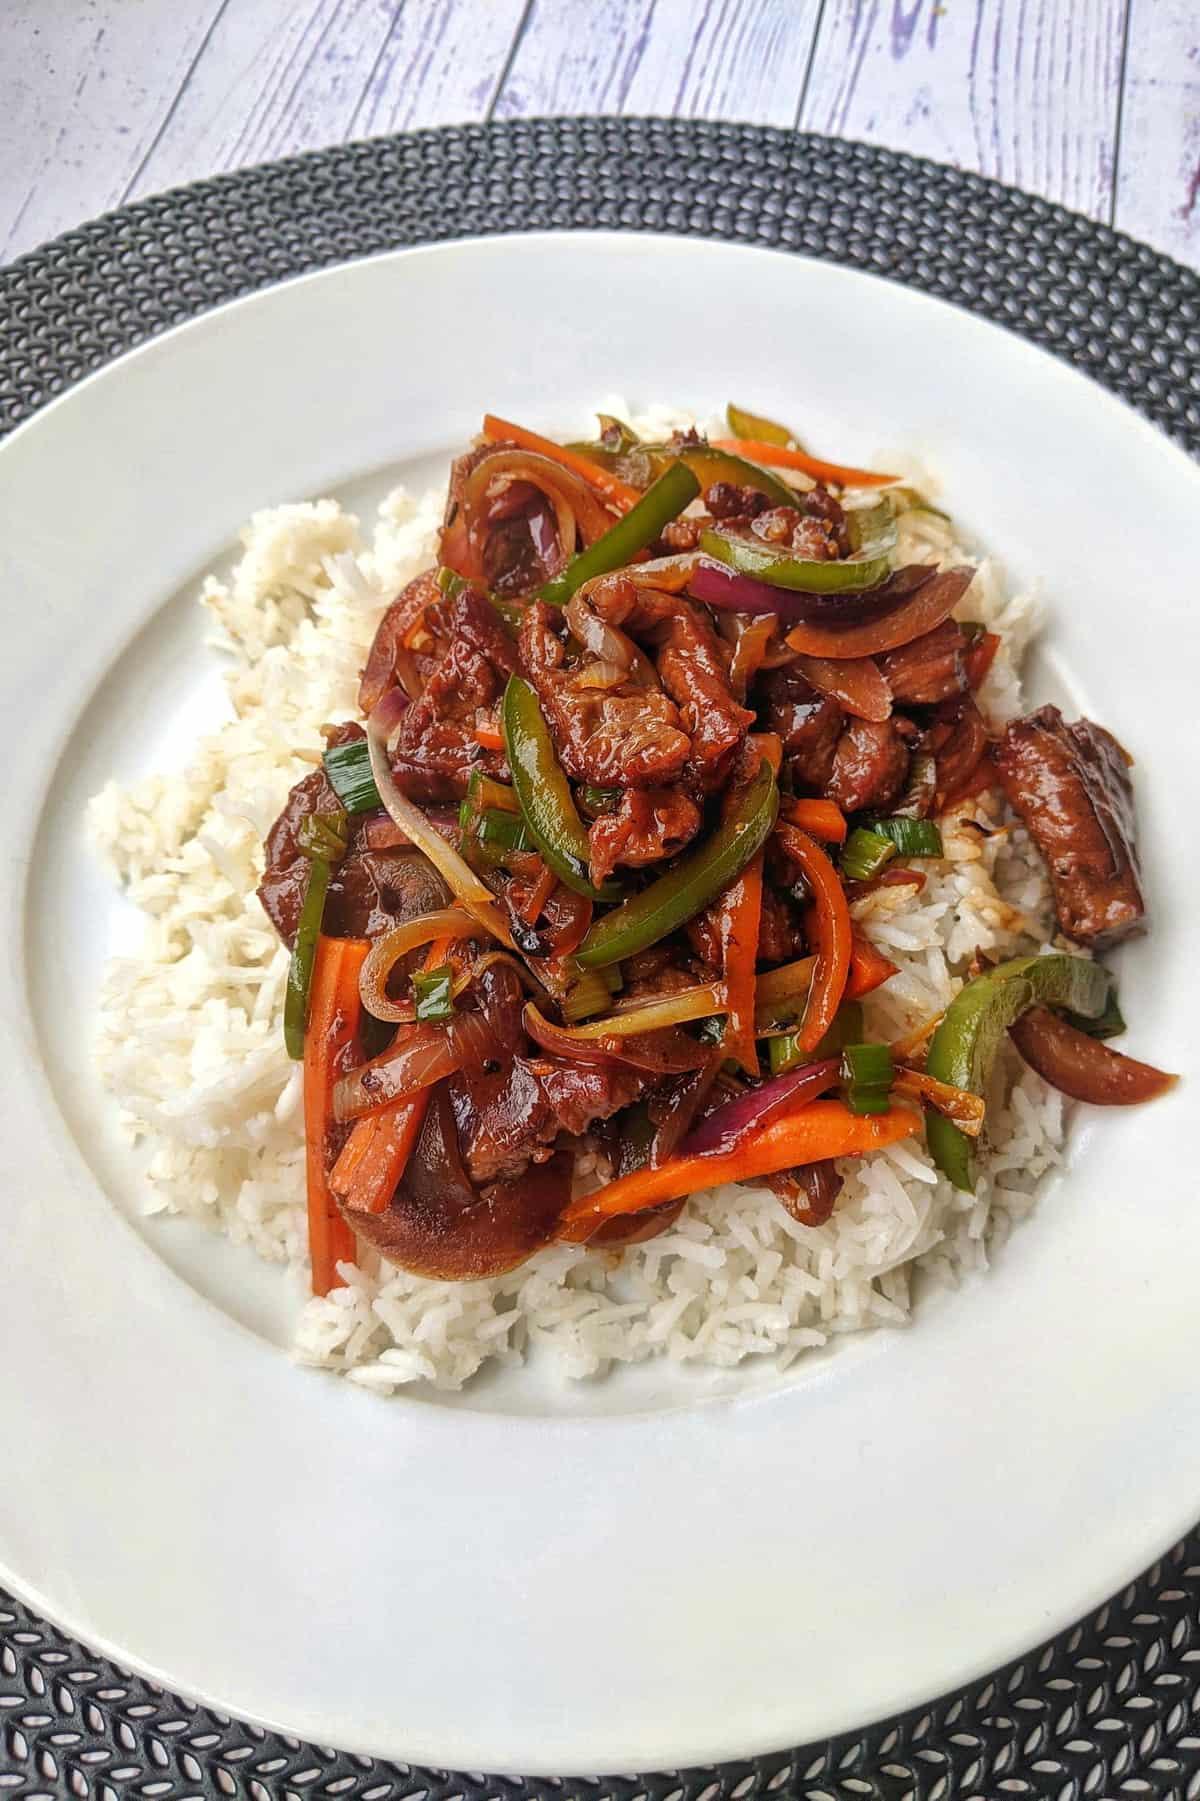 Ein weisser Teller mit Rindergeschnetzeltem mit buntem Gemüse und Reis.